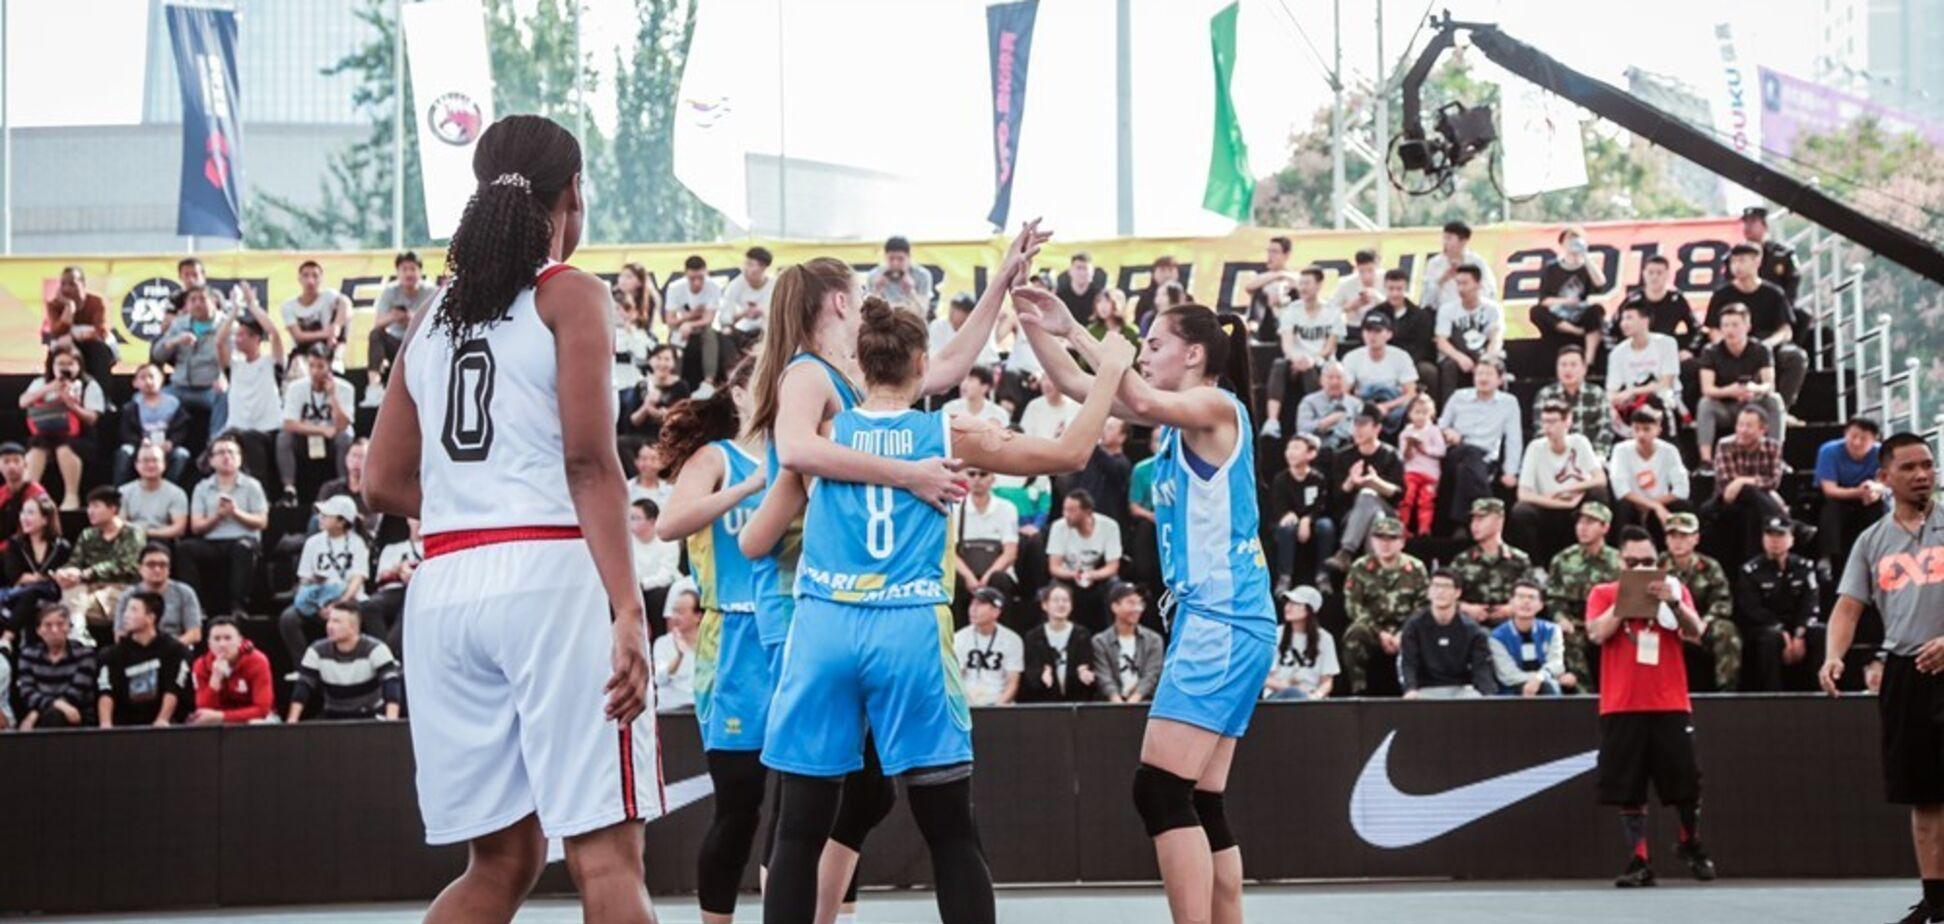 Українки вийшли до чвертьфіналу молодіжного КС з баскетболу 3х3